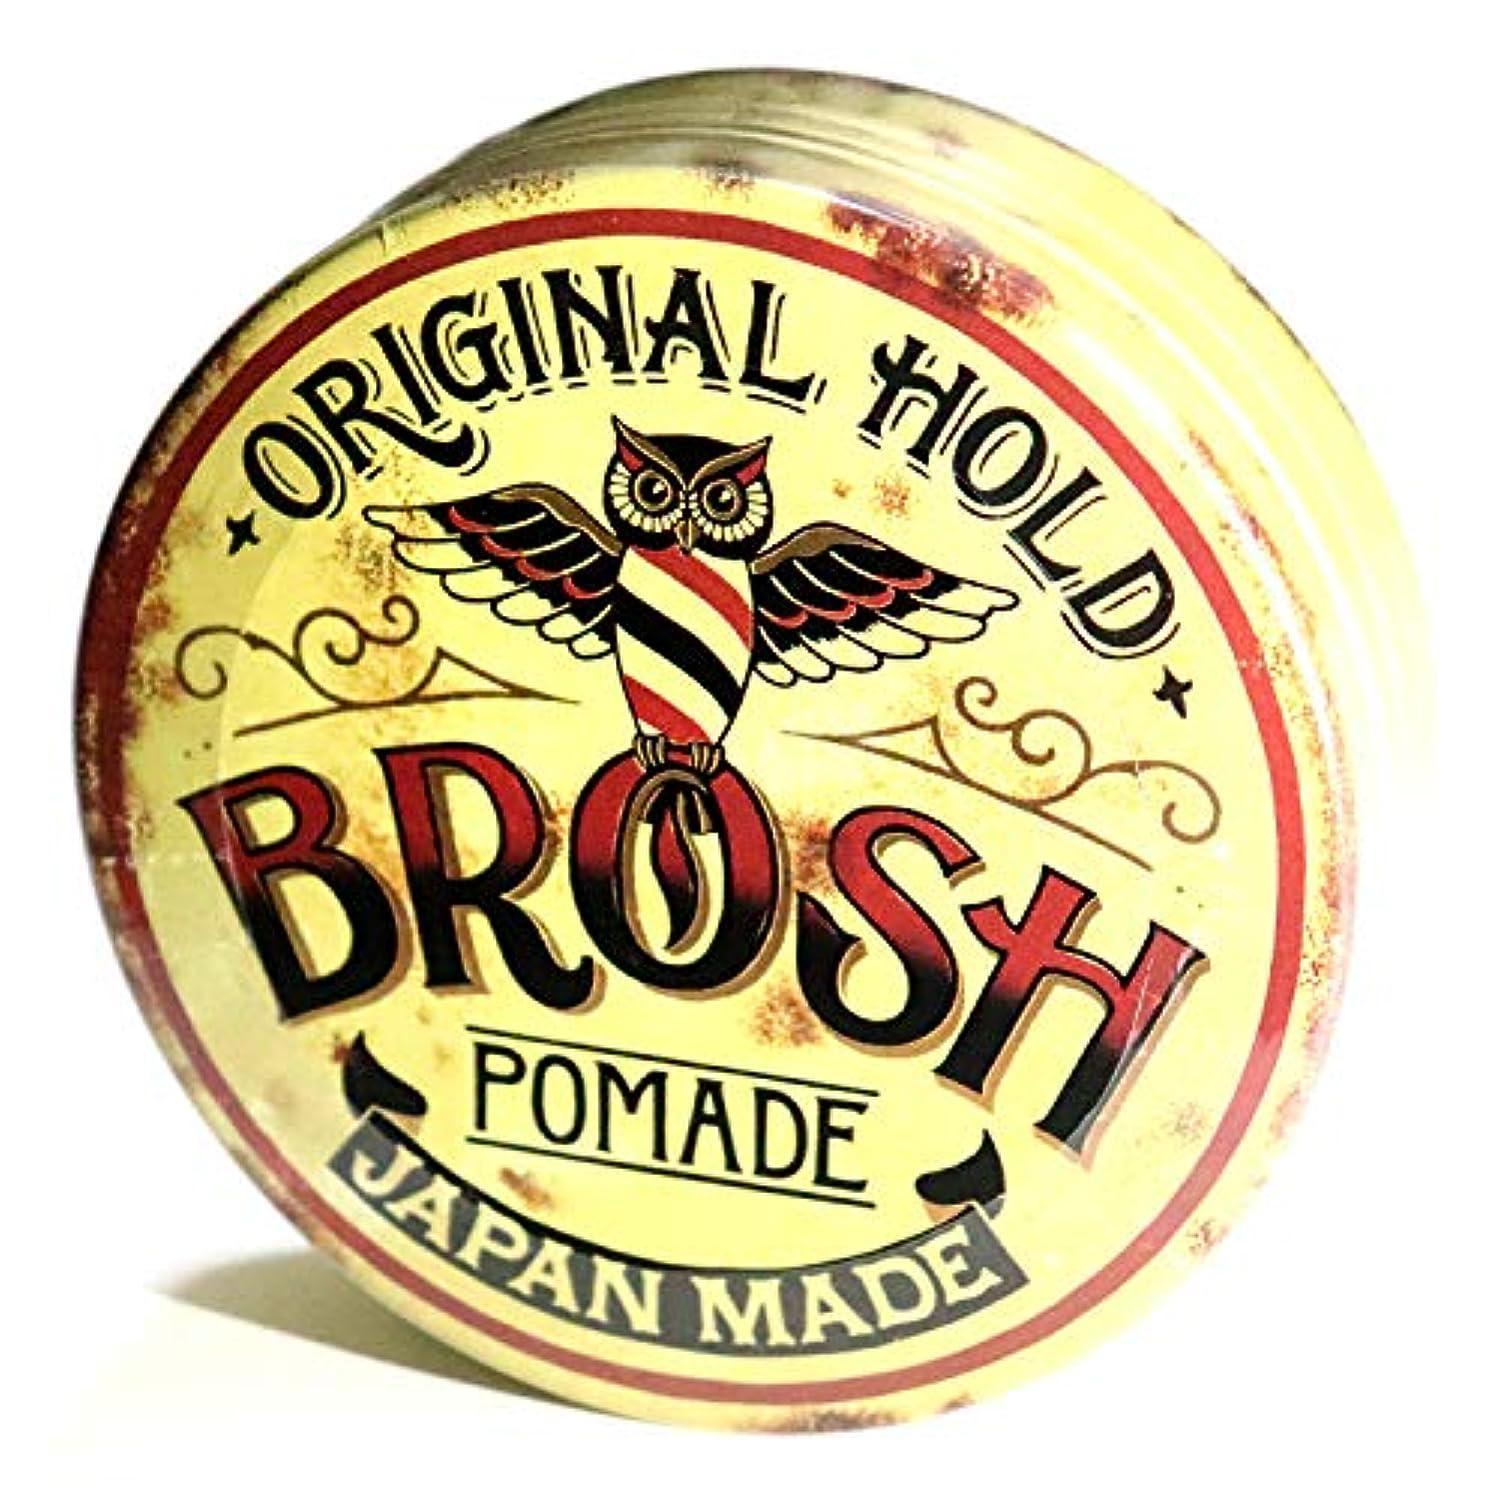 スロット伝記ピックBROSH (ブロッシュ) BROSH POMADE ORIGINAL HOLD 115g 水性ポマード 整髪料